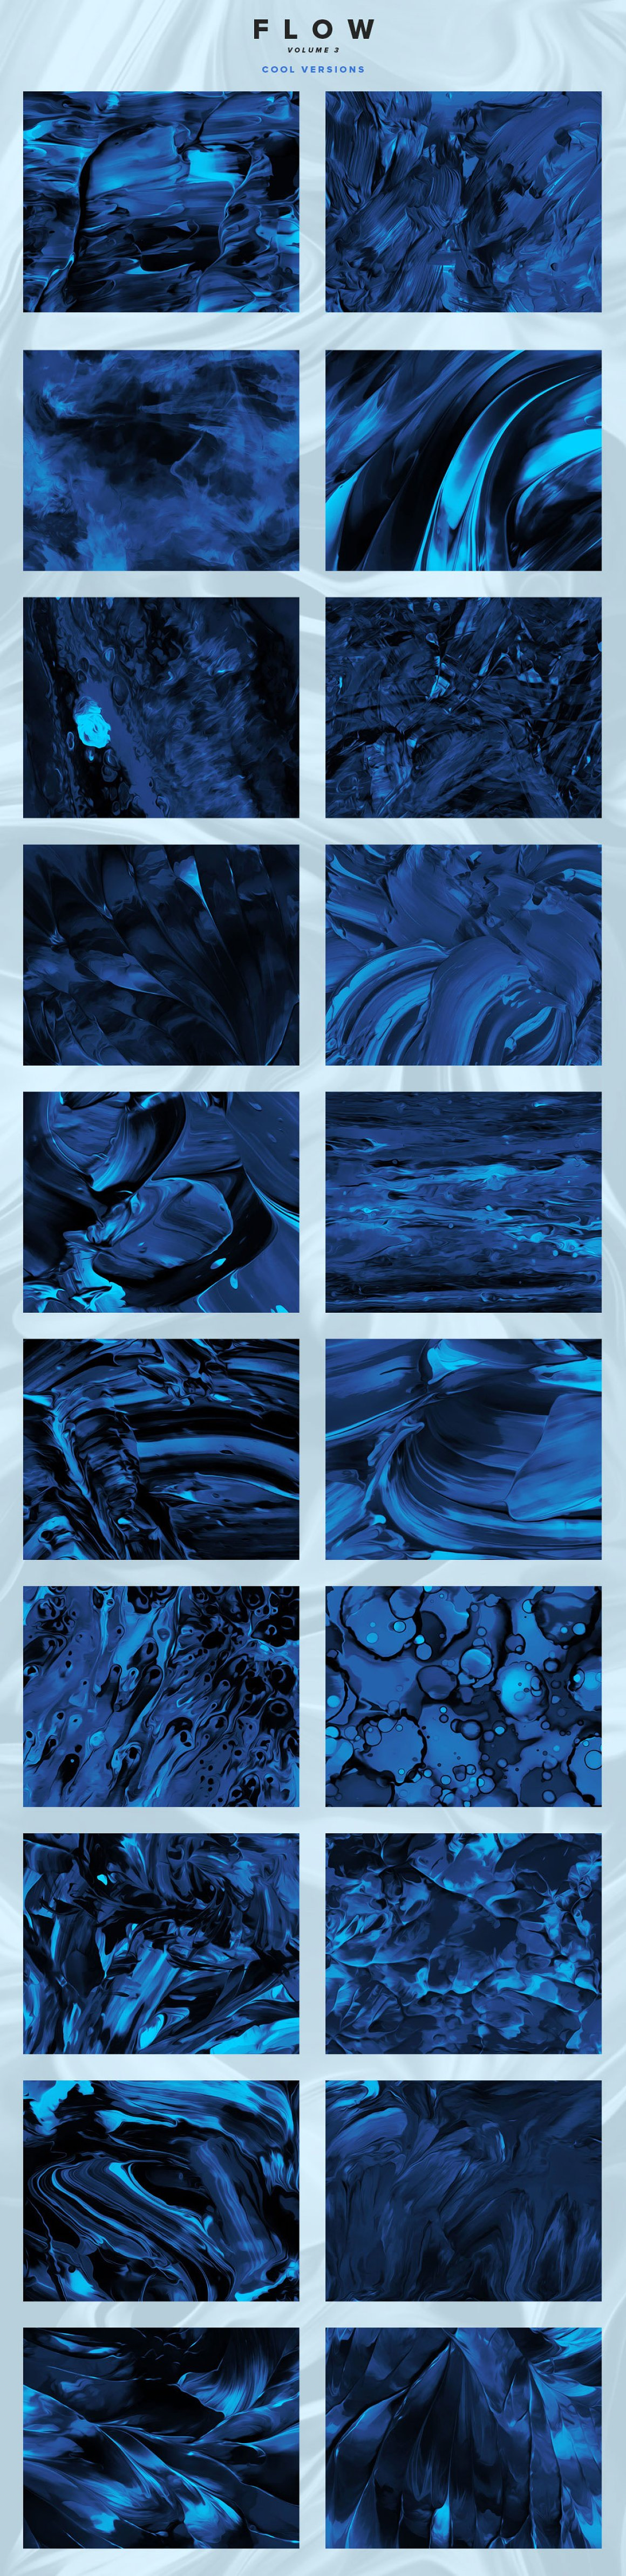 100 fluid paintings-13.jpg